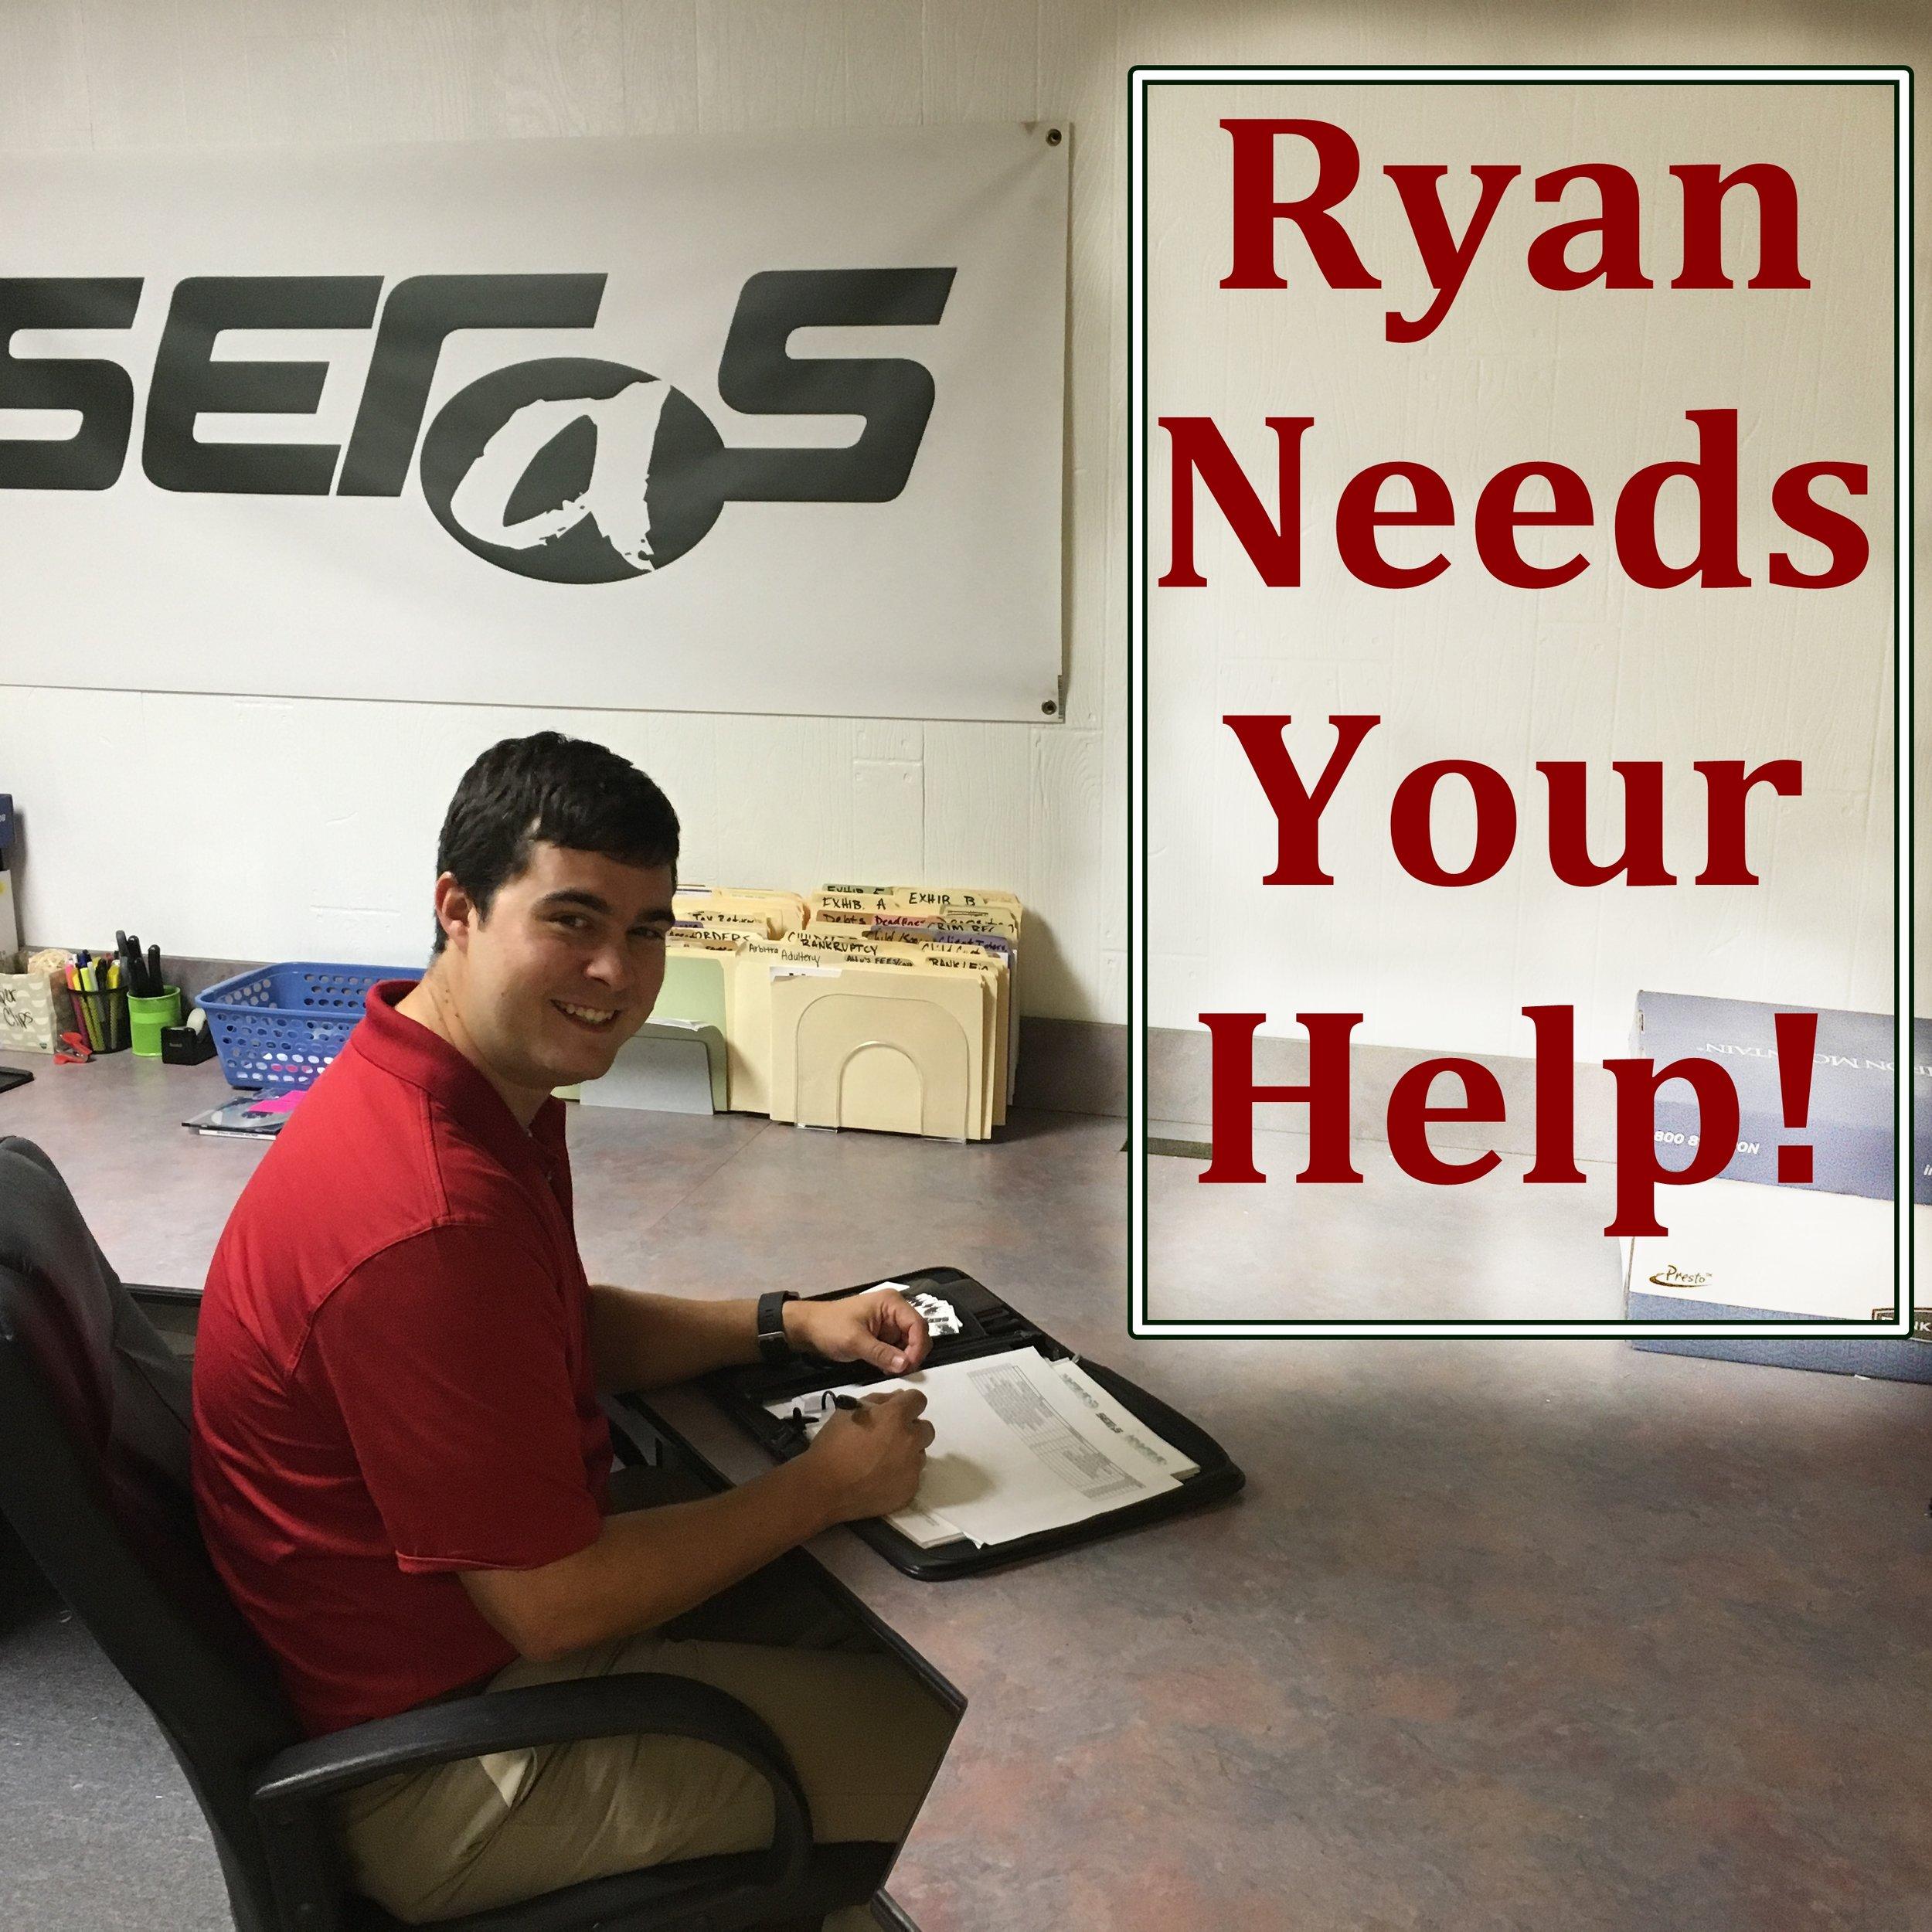 ryan-needs-your-help